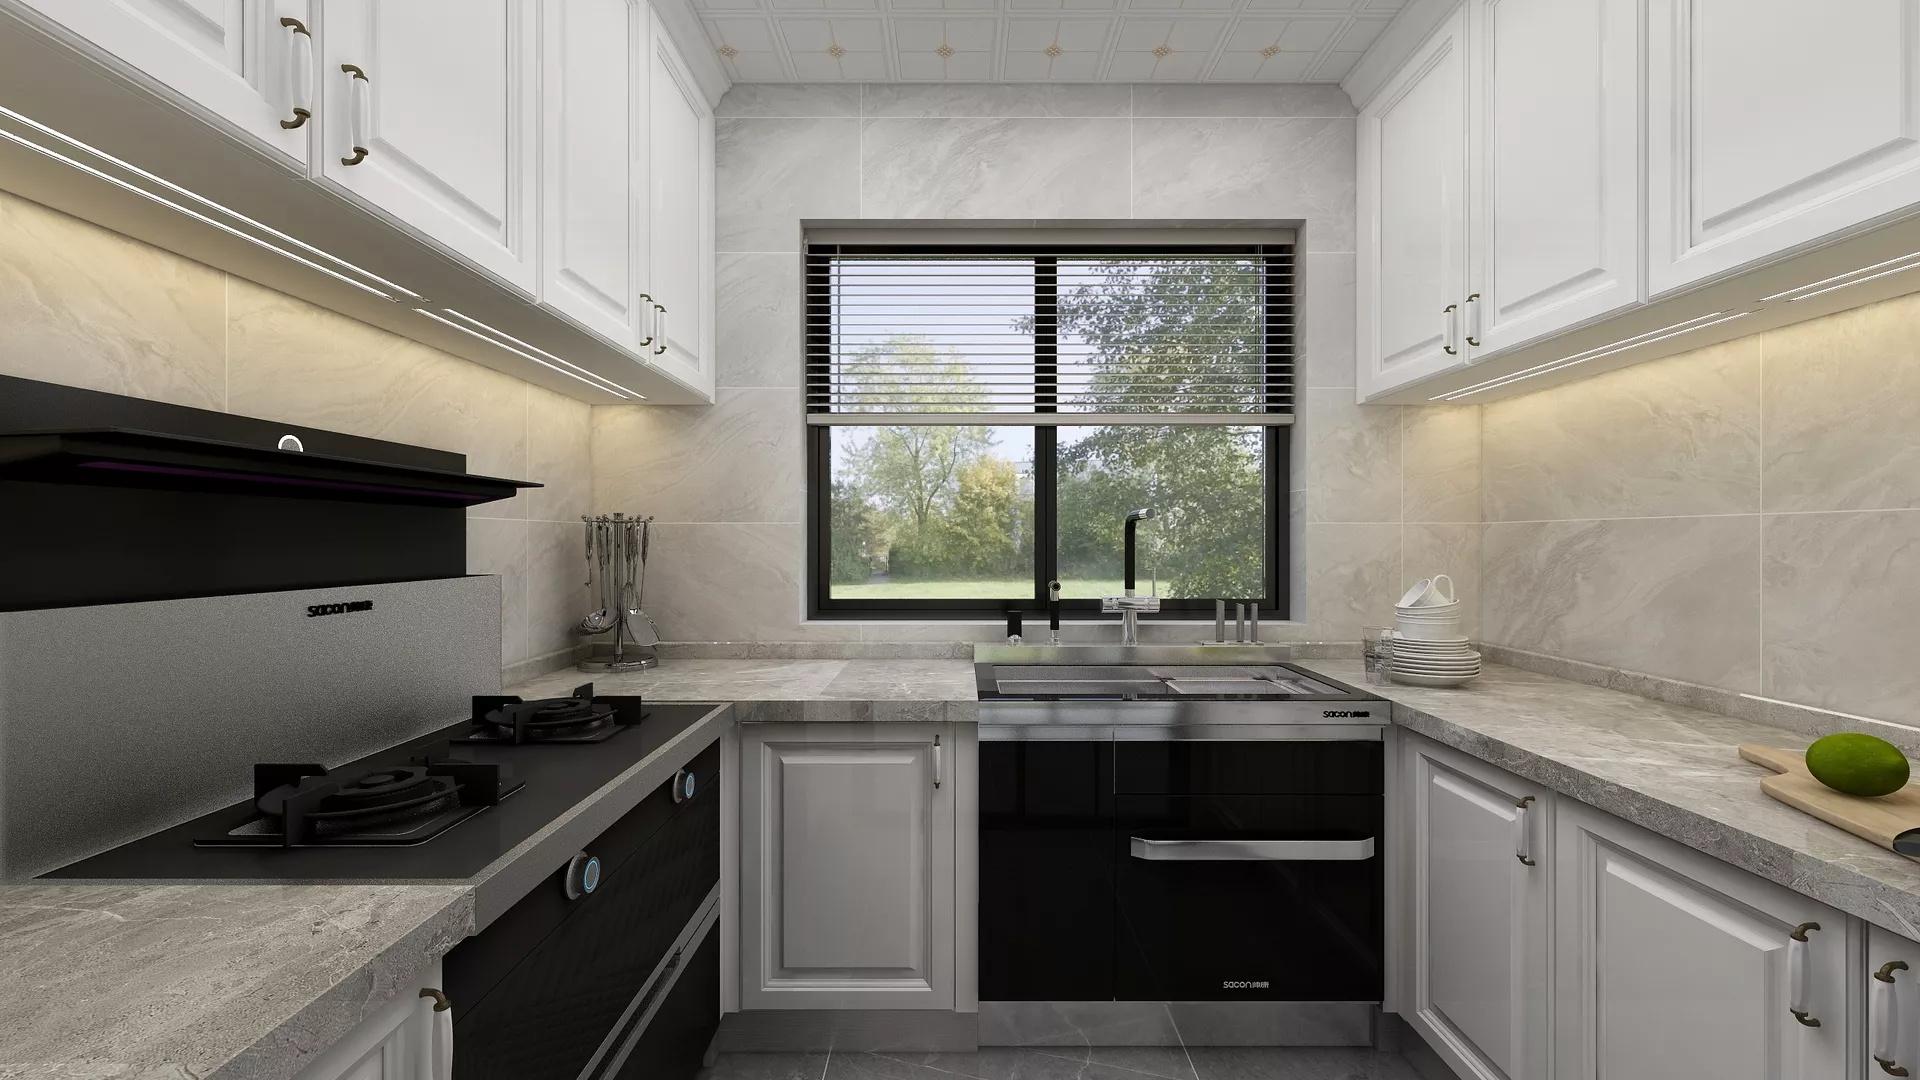 晶钢板_晶钢板橱柜怎么样 晶钢板橱柜好用吗_美搭屋装修网